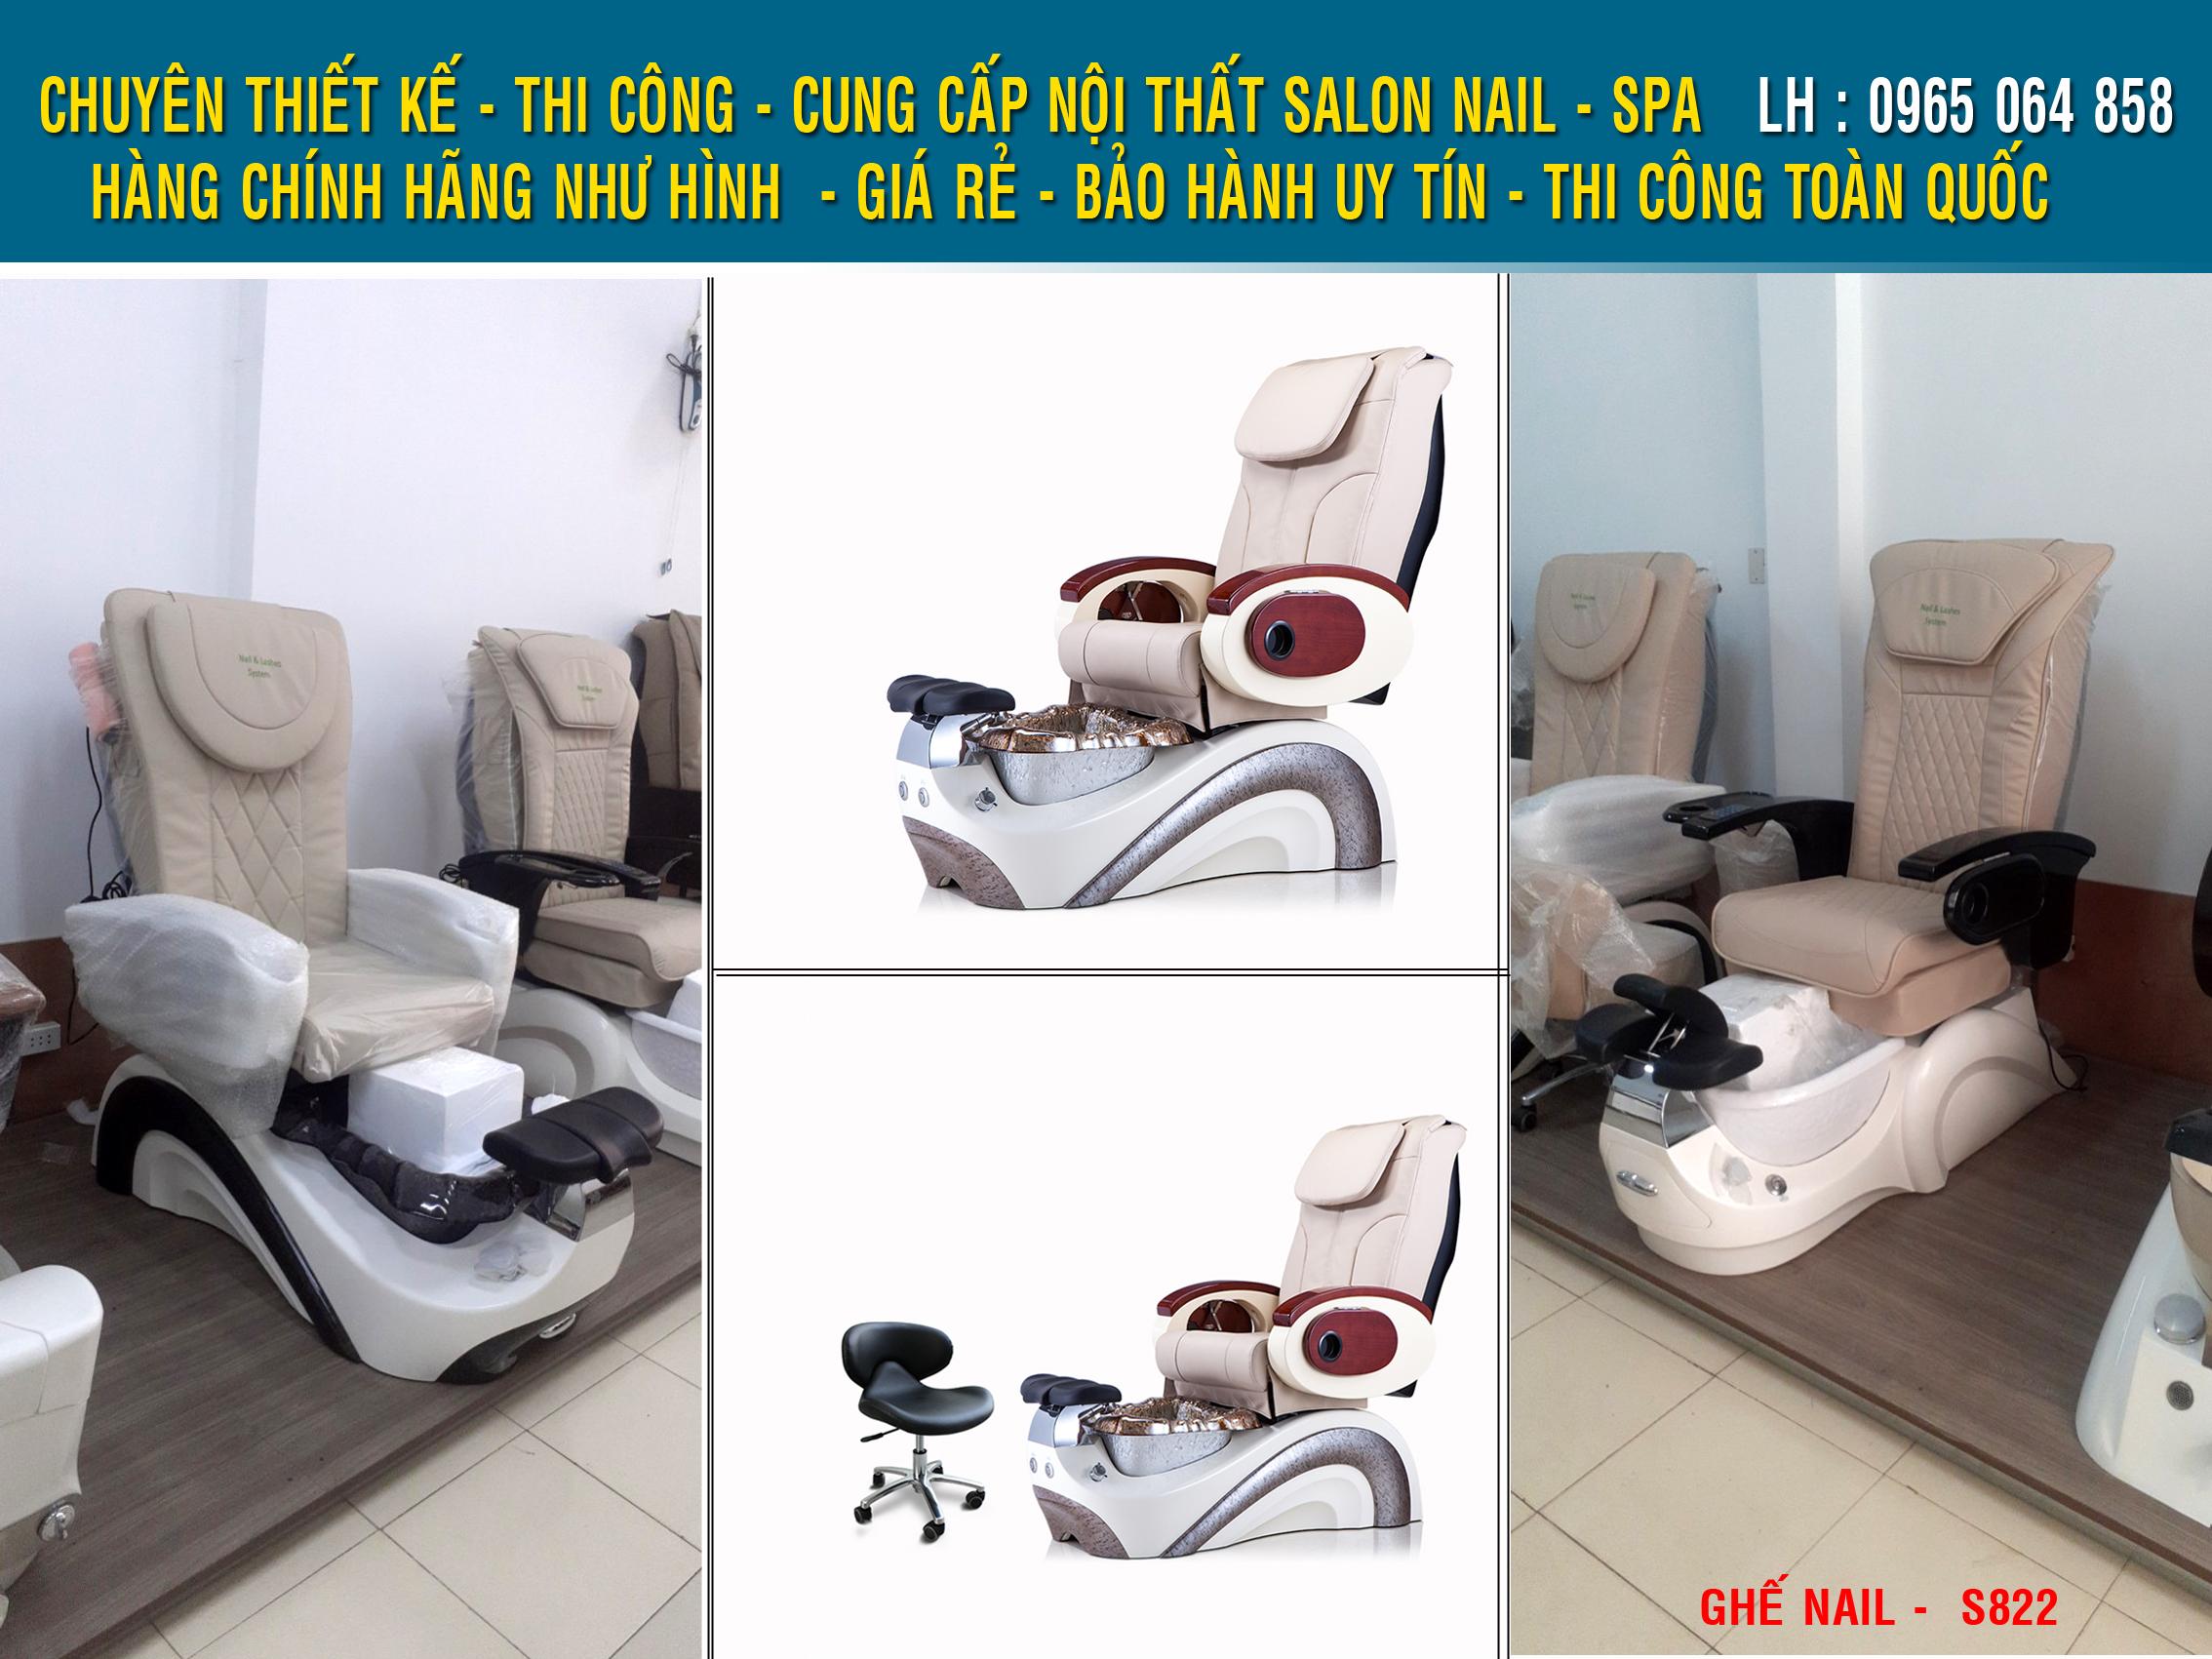 GHE-NAIL-S822